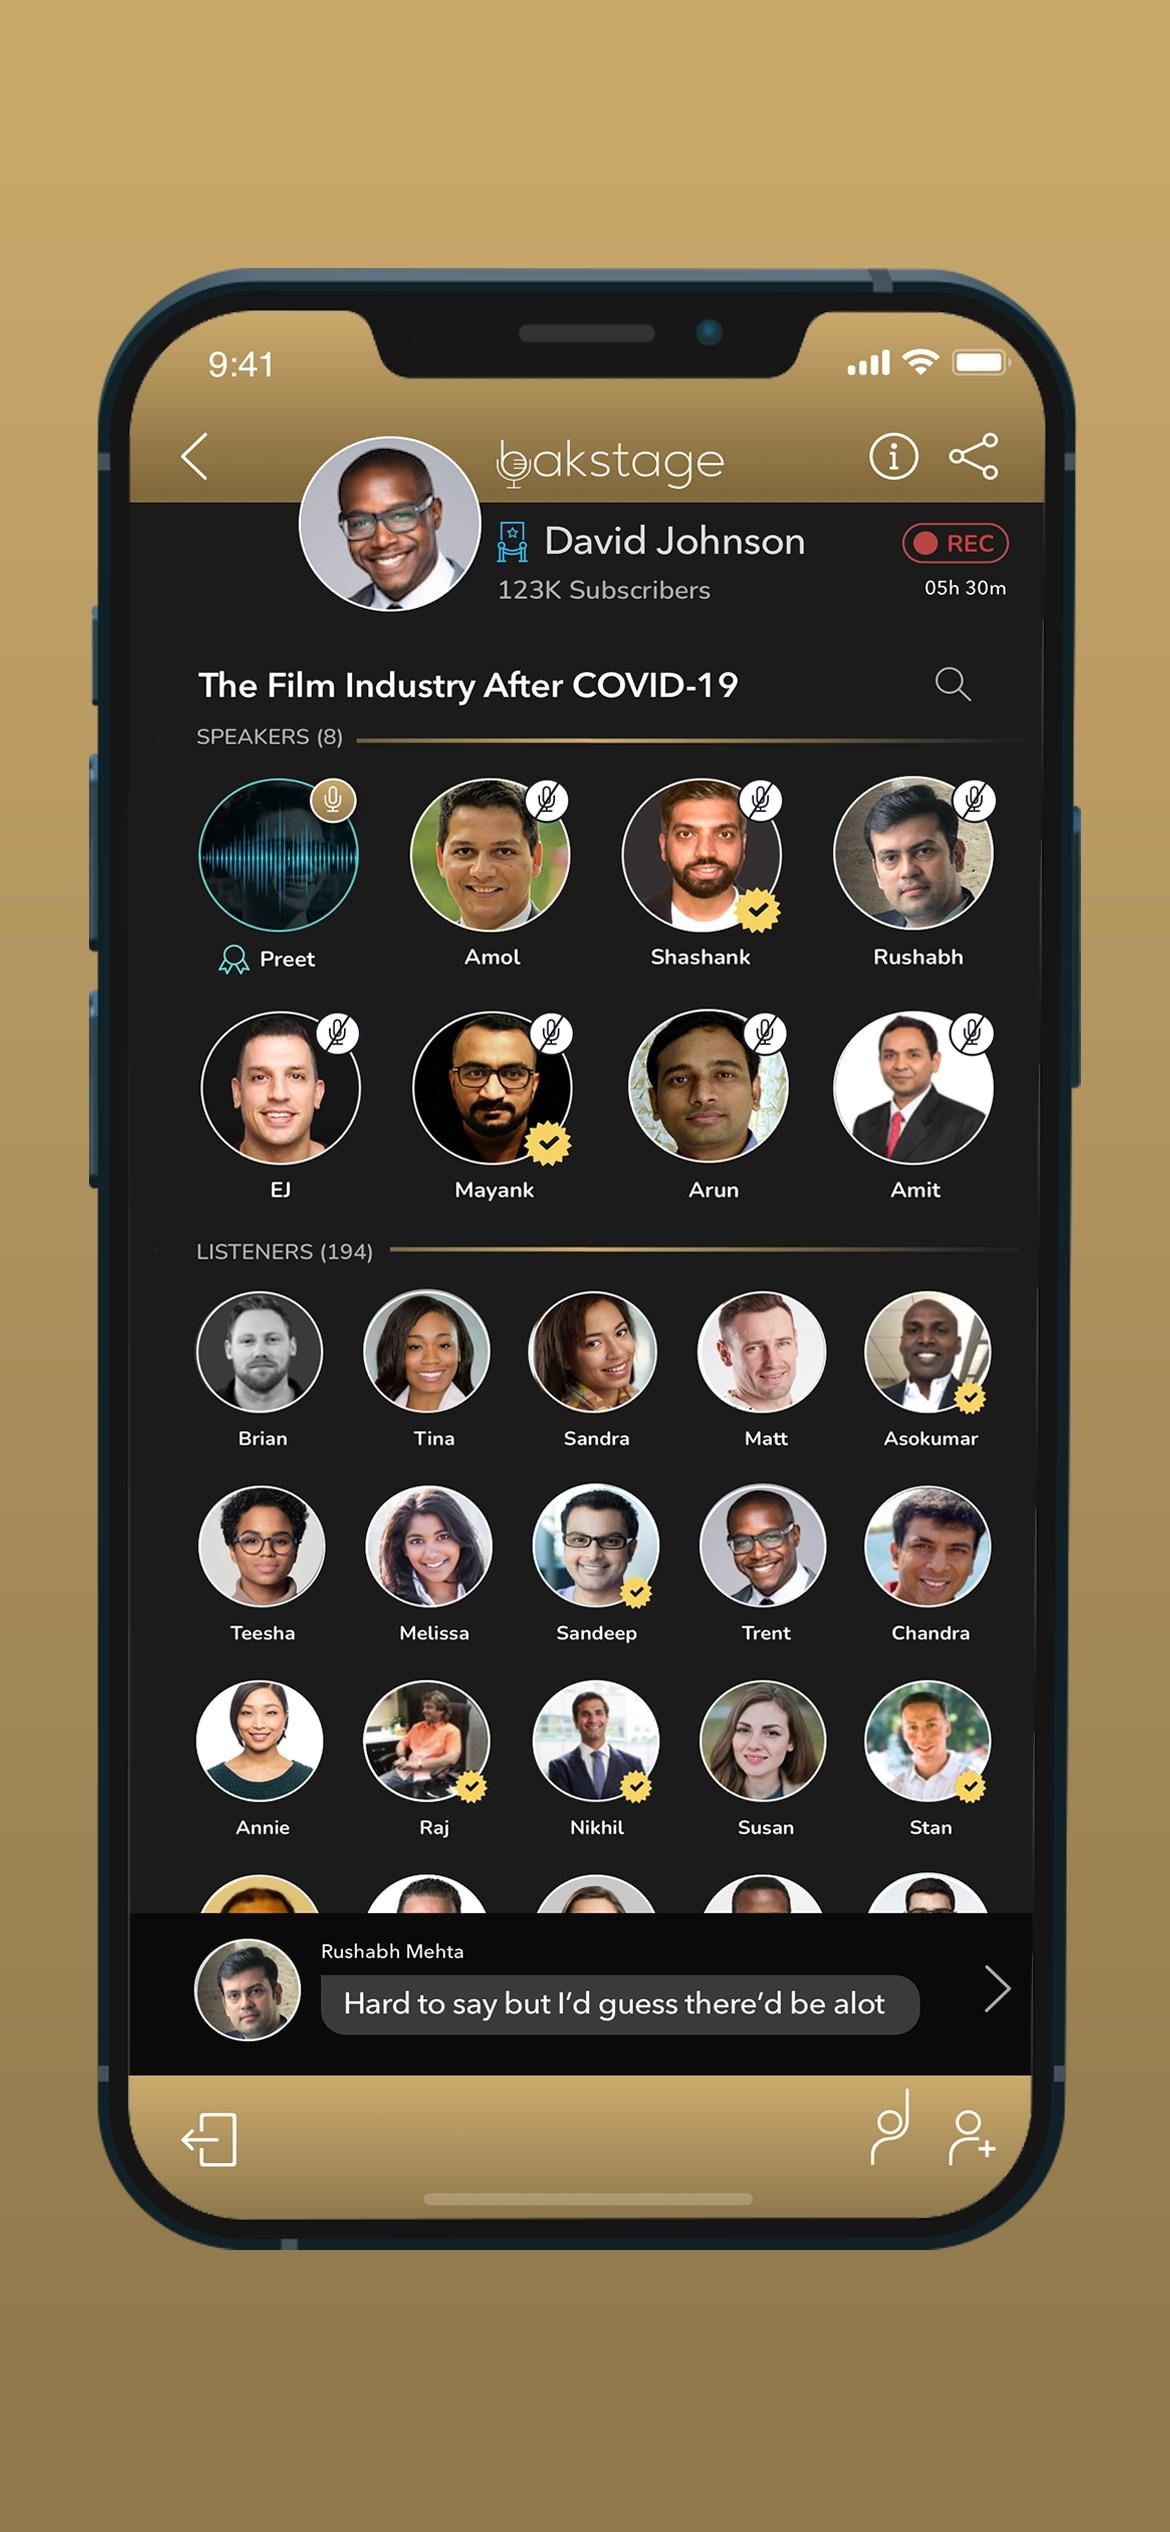 એપ્લિકેશનના આઇઓએસ વર્ઝન પર બstકસ્ટેજ વાતચીતનું ઉદાહરણ.